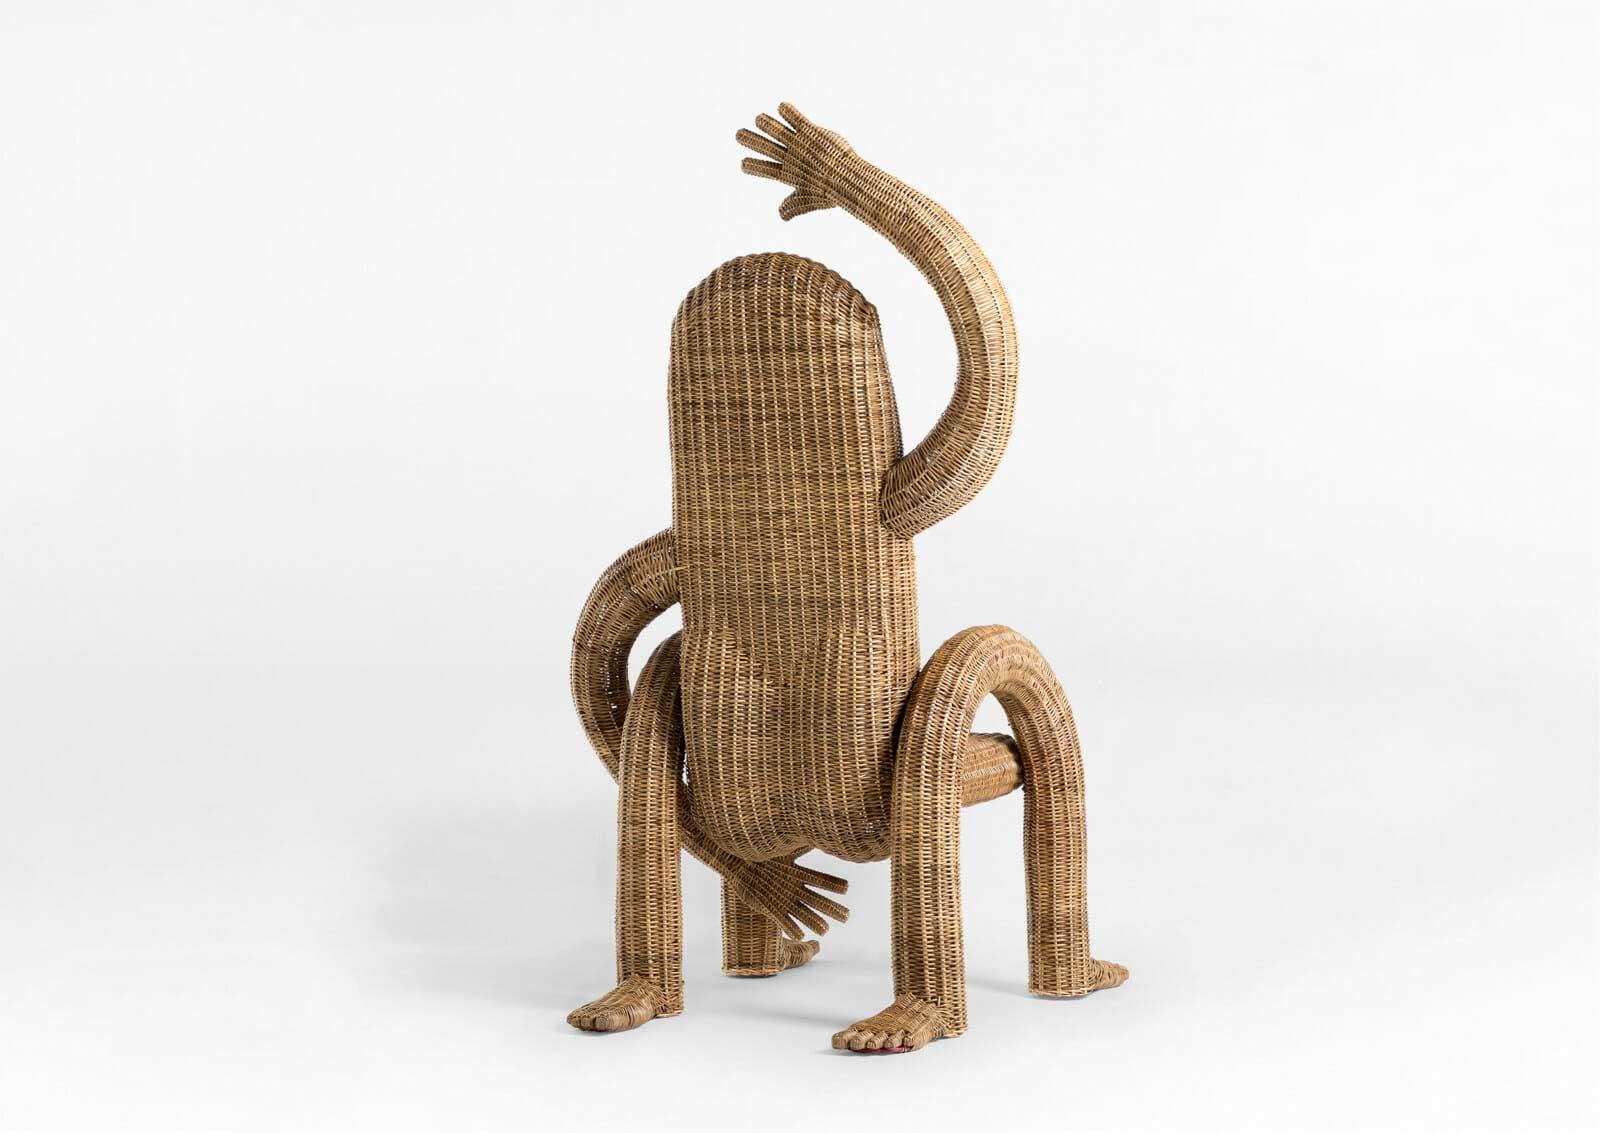 Stühle mit Armen und Beinen stuhldesigns-von-Chris-Wolston_03